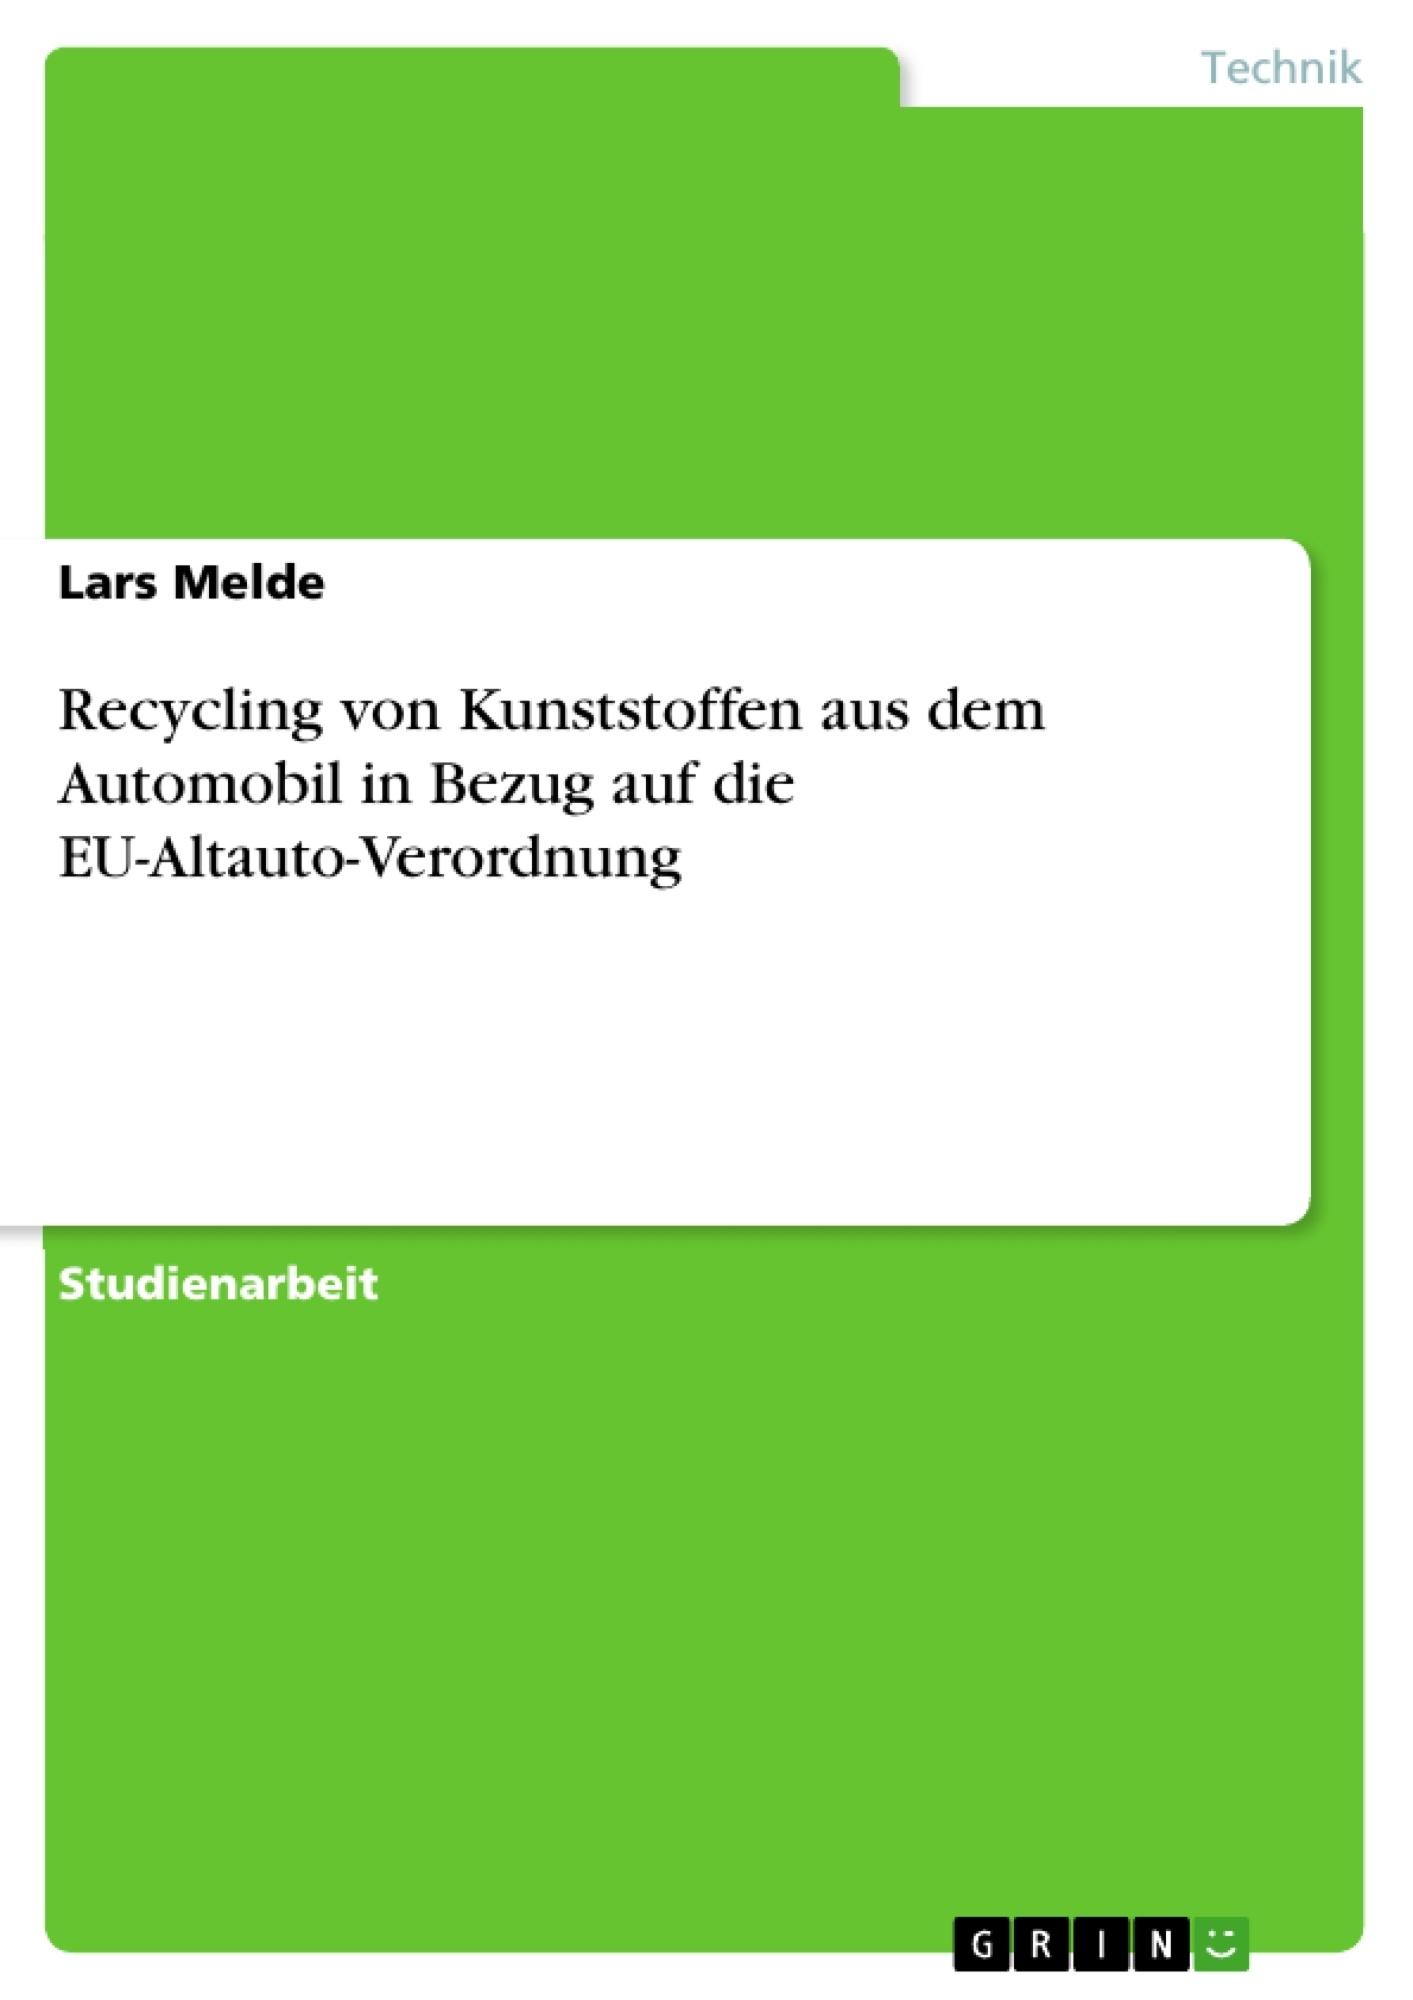 Titel: Recycling von Kunststoffen aus dem Automobil in Bezug auf die EU-Altauto-Verordnung